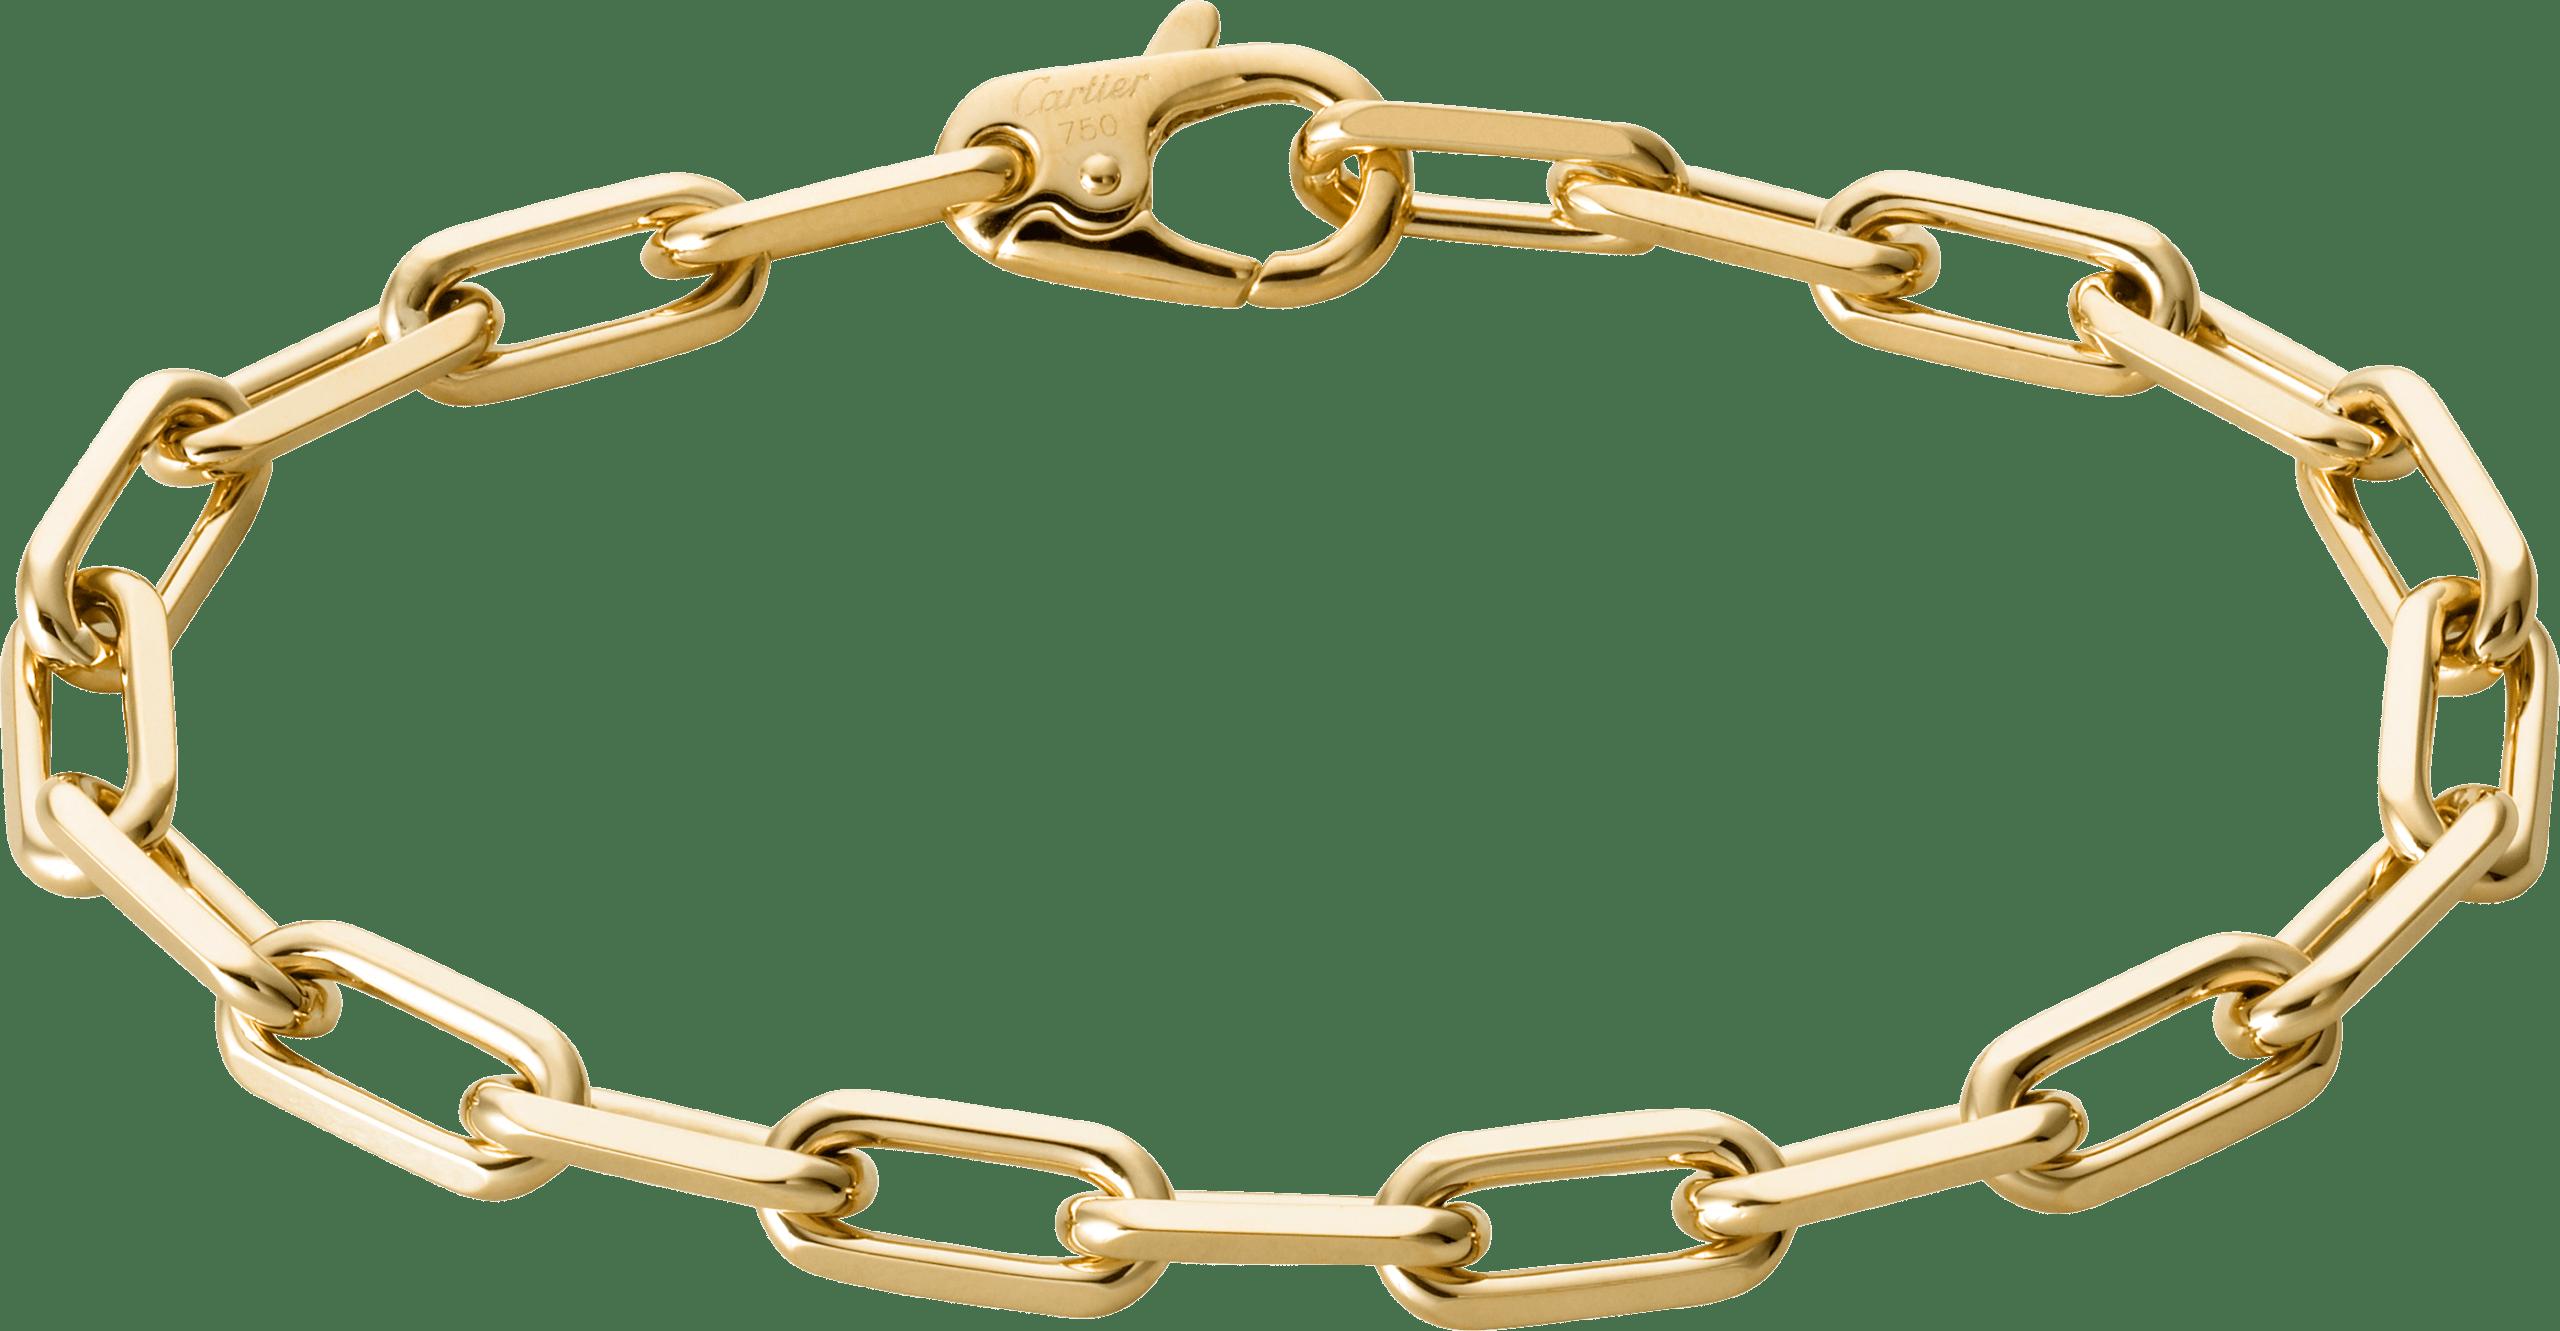 سوار بتصميم سلسلة Chain من كارتييه Cartier